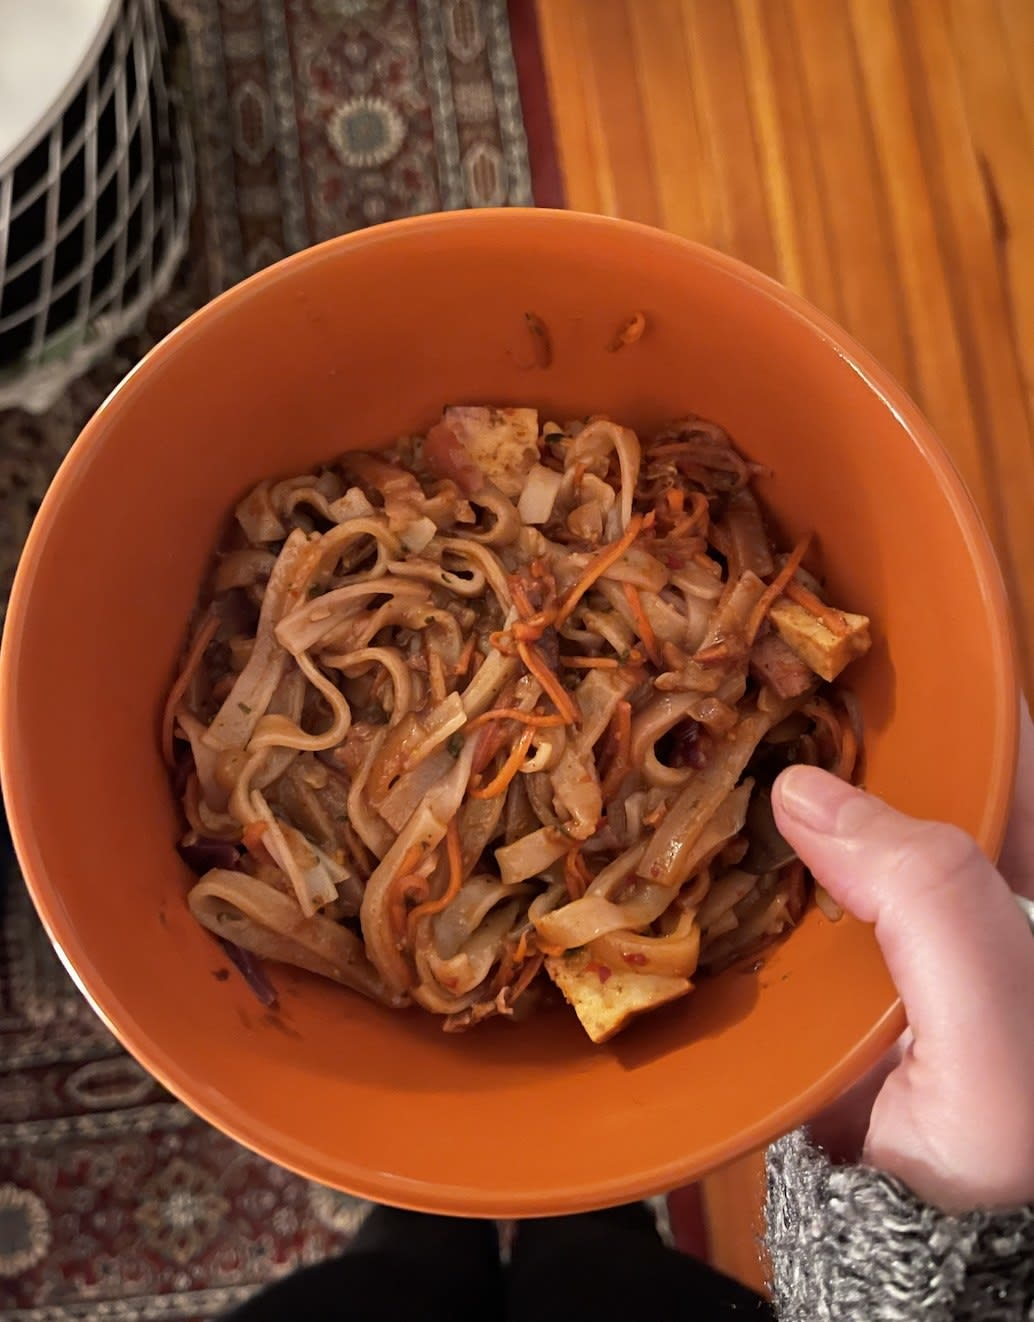 Thai noodles in a bowl